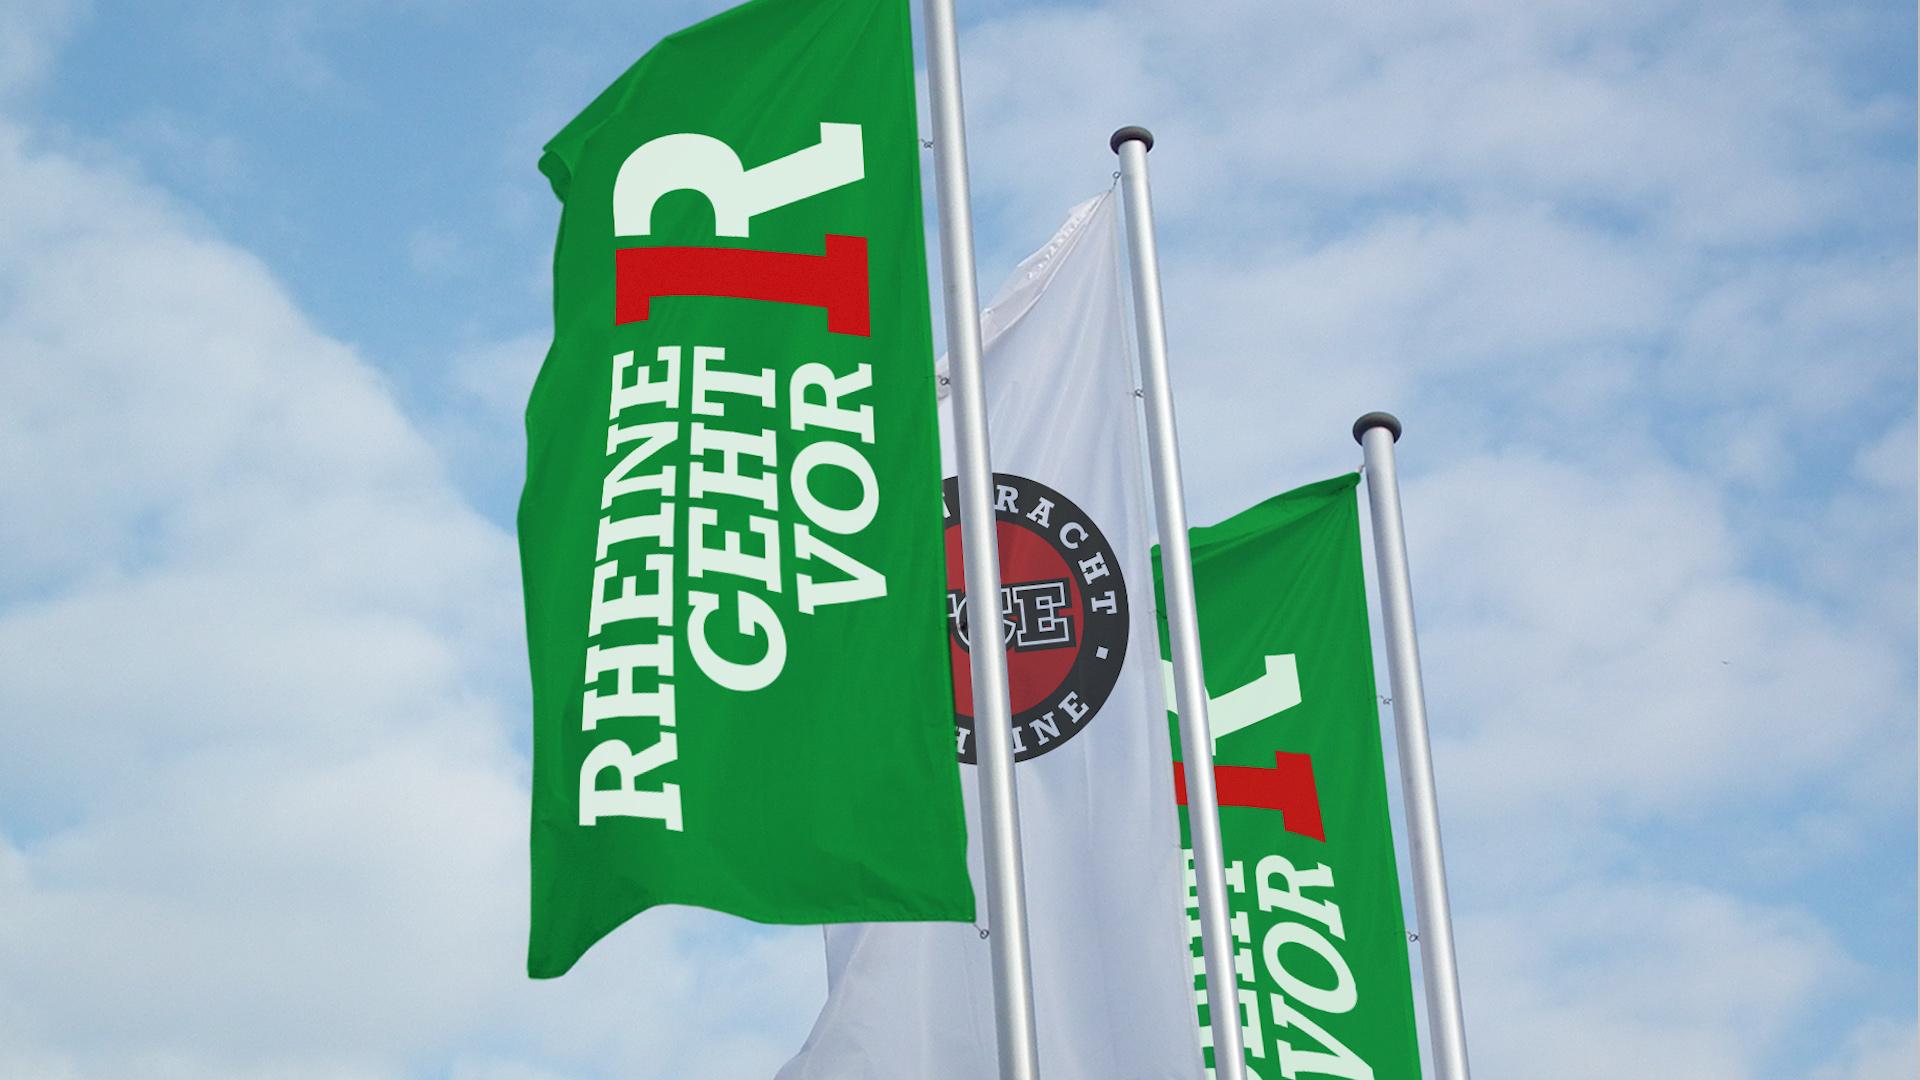 02 FCE RGV Fahnen - Unterstützung für die Helfer – Corporate Design, Logoentwicklung, Grafikdesign, Kommunikationsdesign, Branding, Markenentwicklung, Werbetechnik